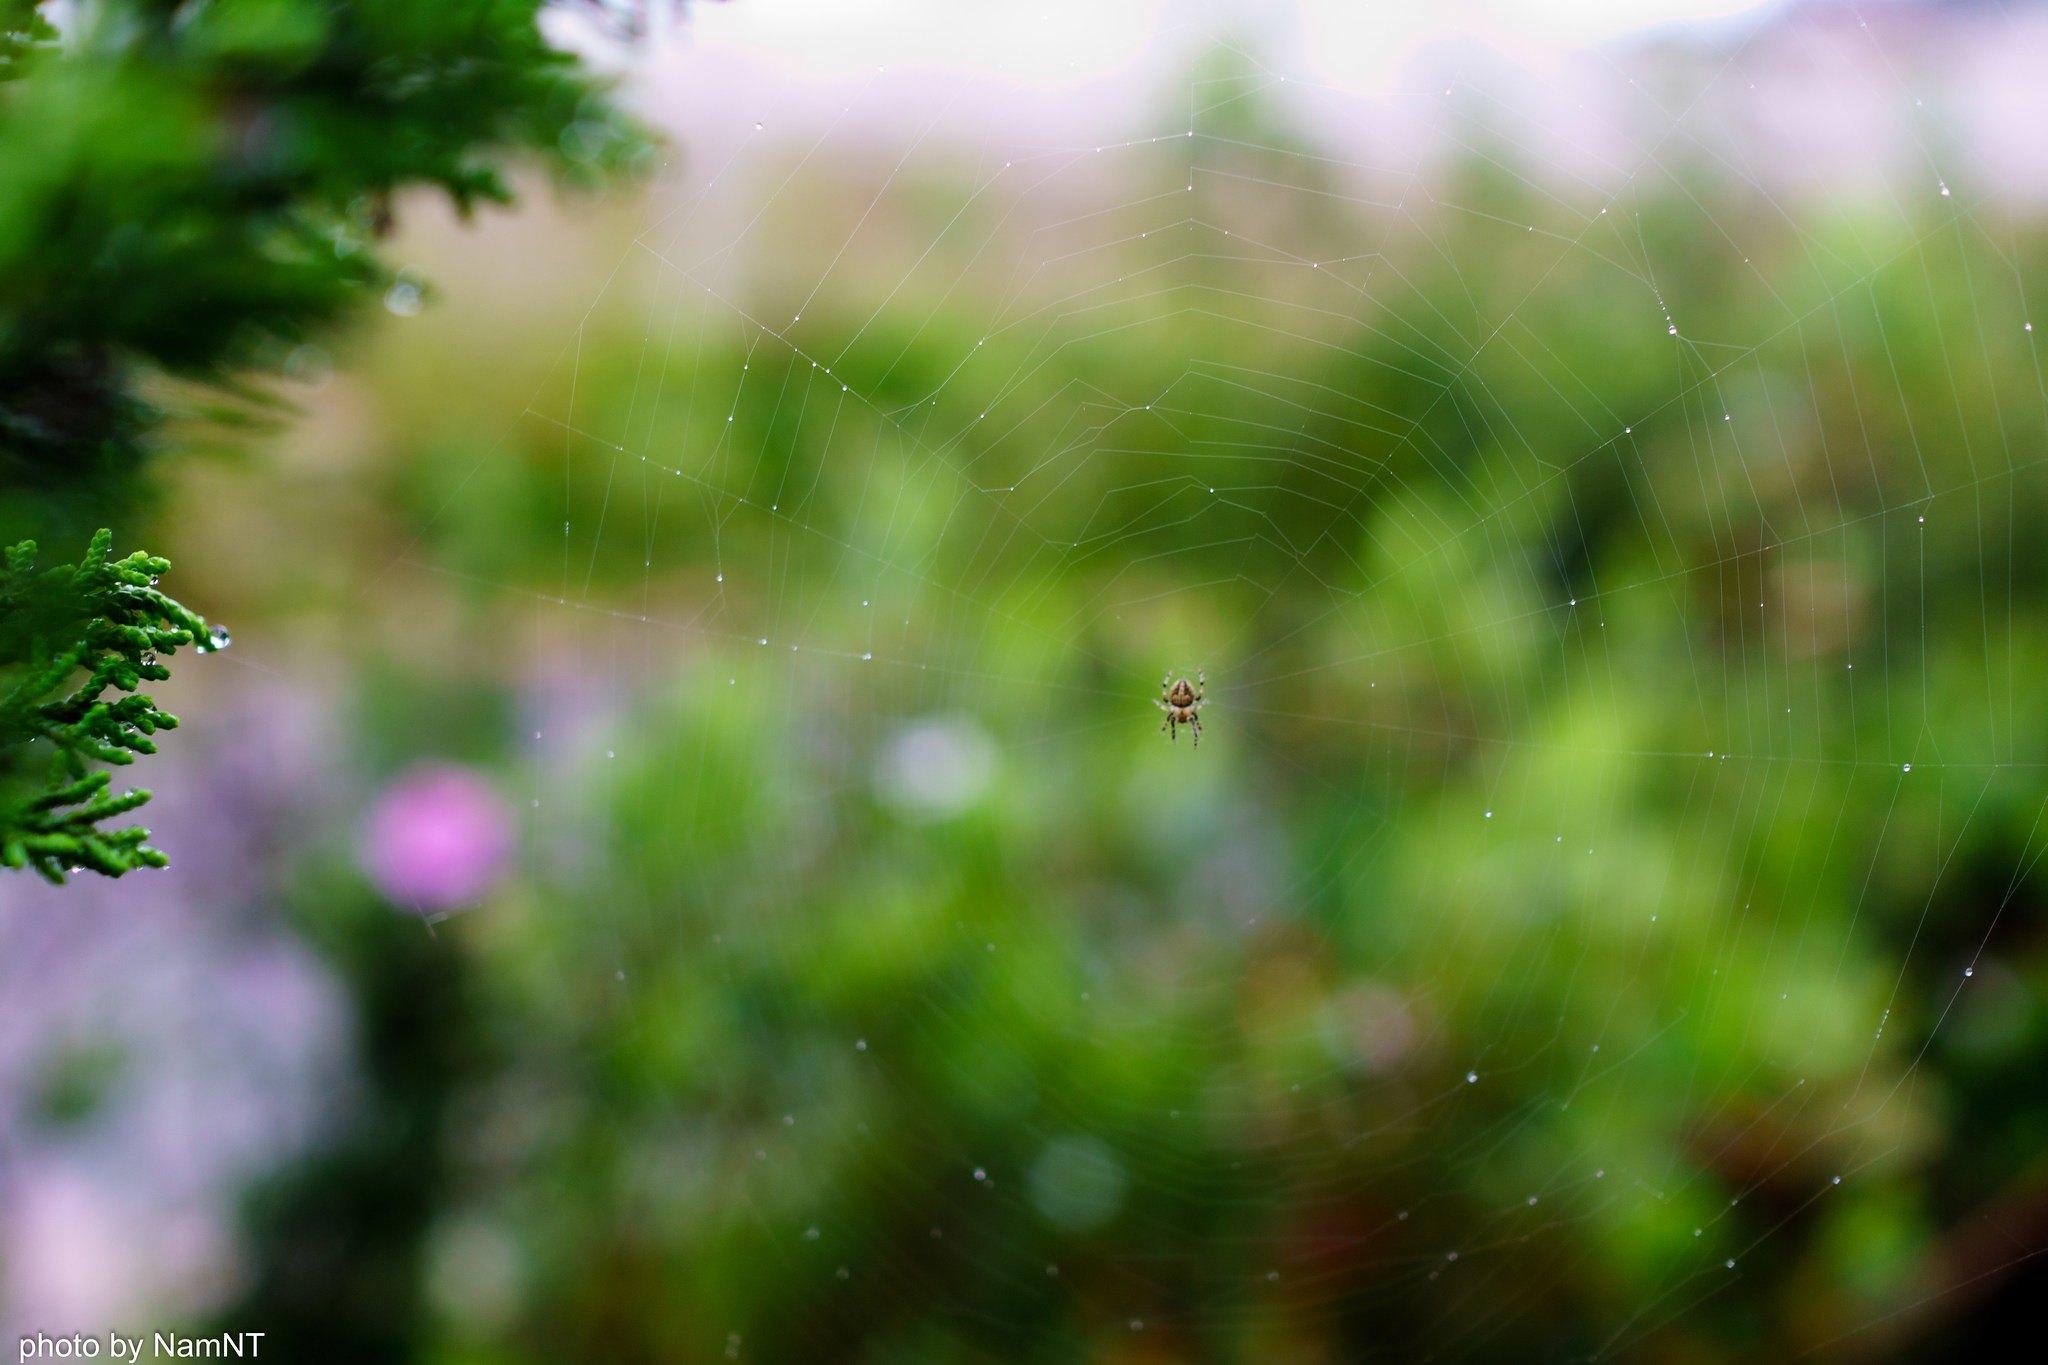 18926330013 73385dc8e4 k - [Phượt] - SG-Cổ Thạch- Nha Trang- Đà Lạt: ngàn dặm mua hạt é cho người thương